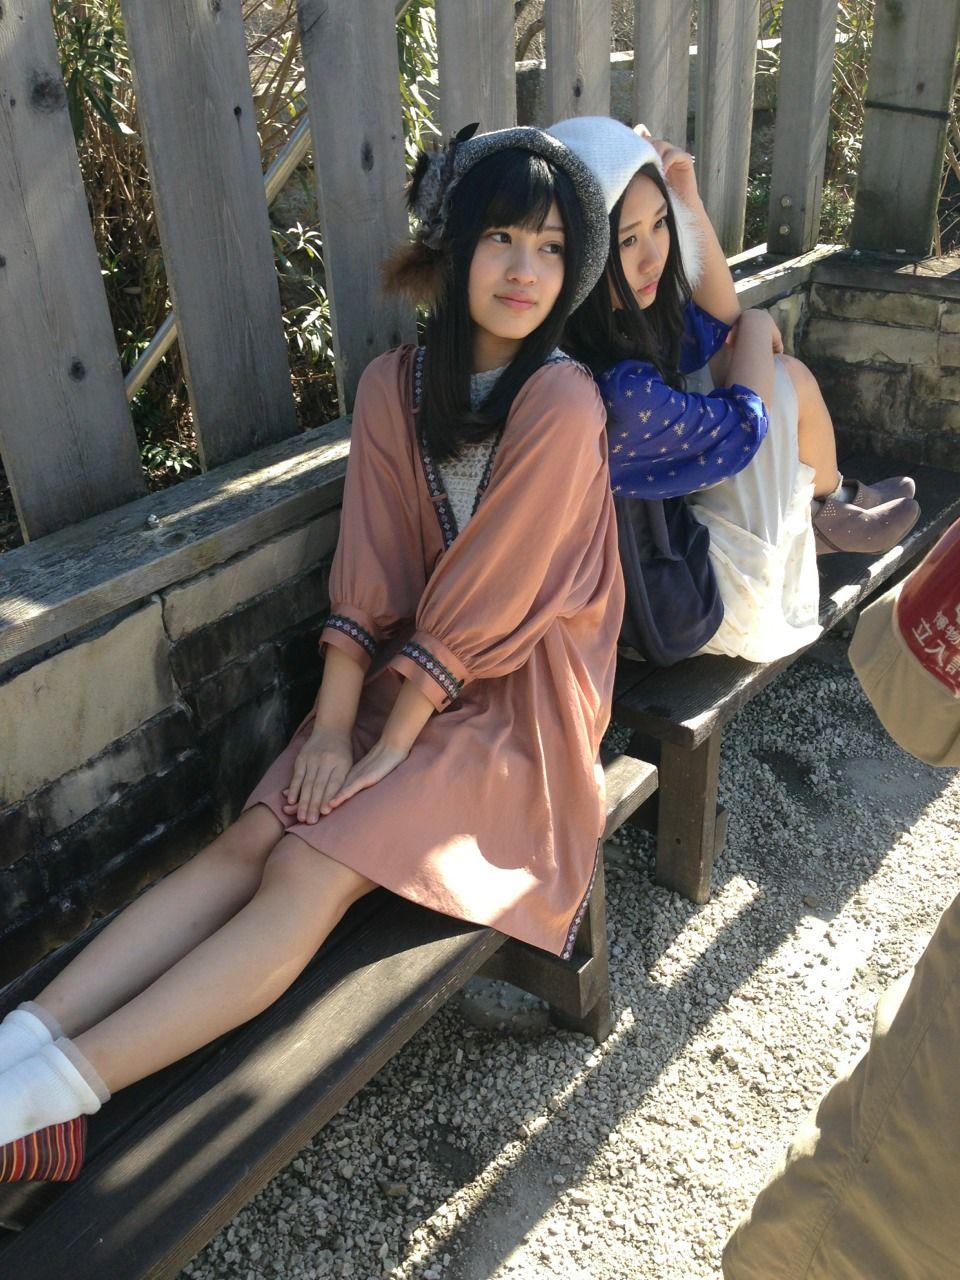 ミニスカート姿の東李苑さん